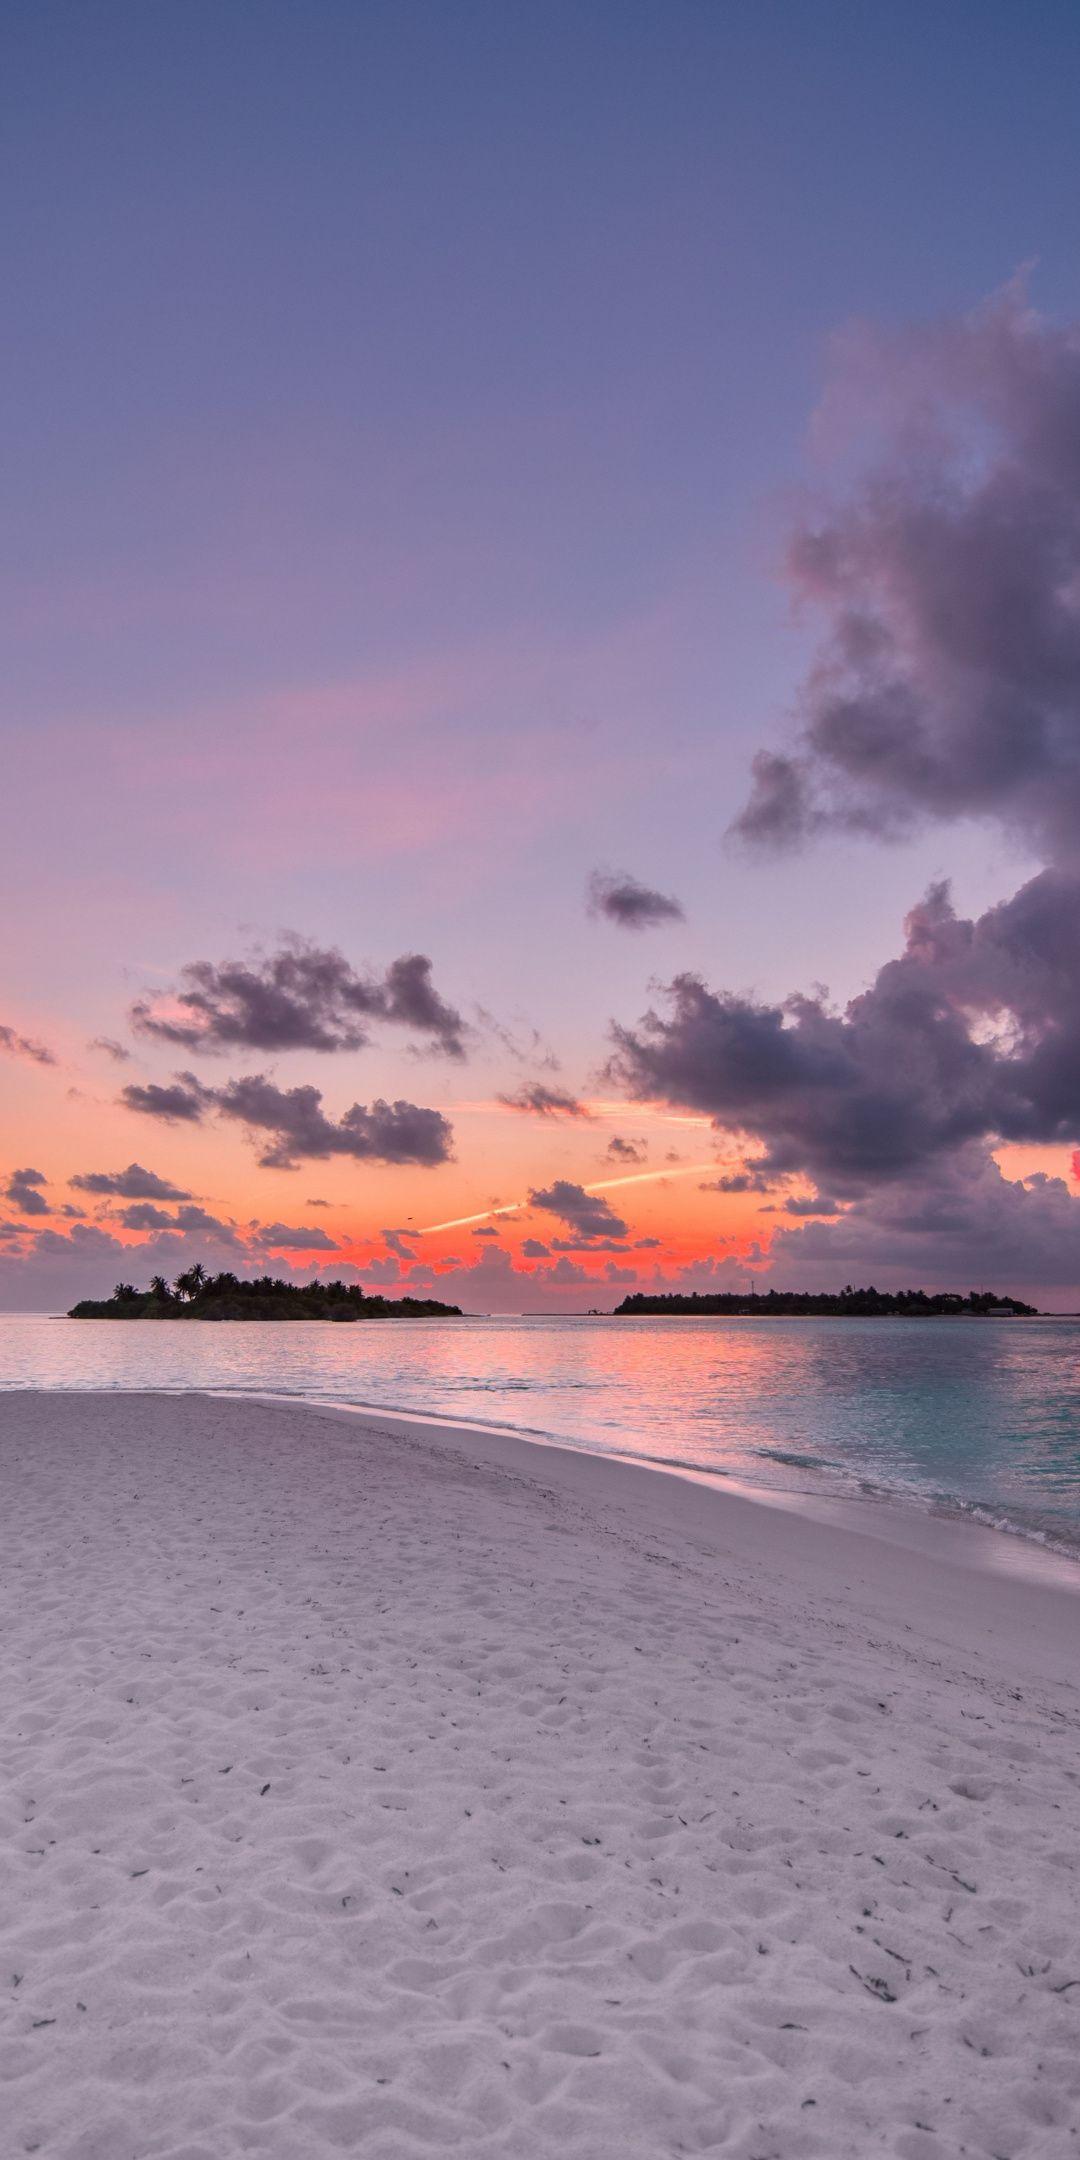 Beach, island, sunset, clouds, nature, 1080x2160 w